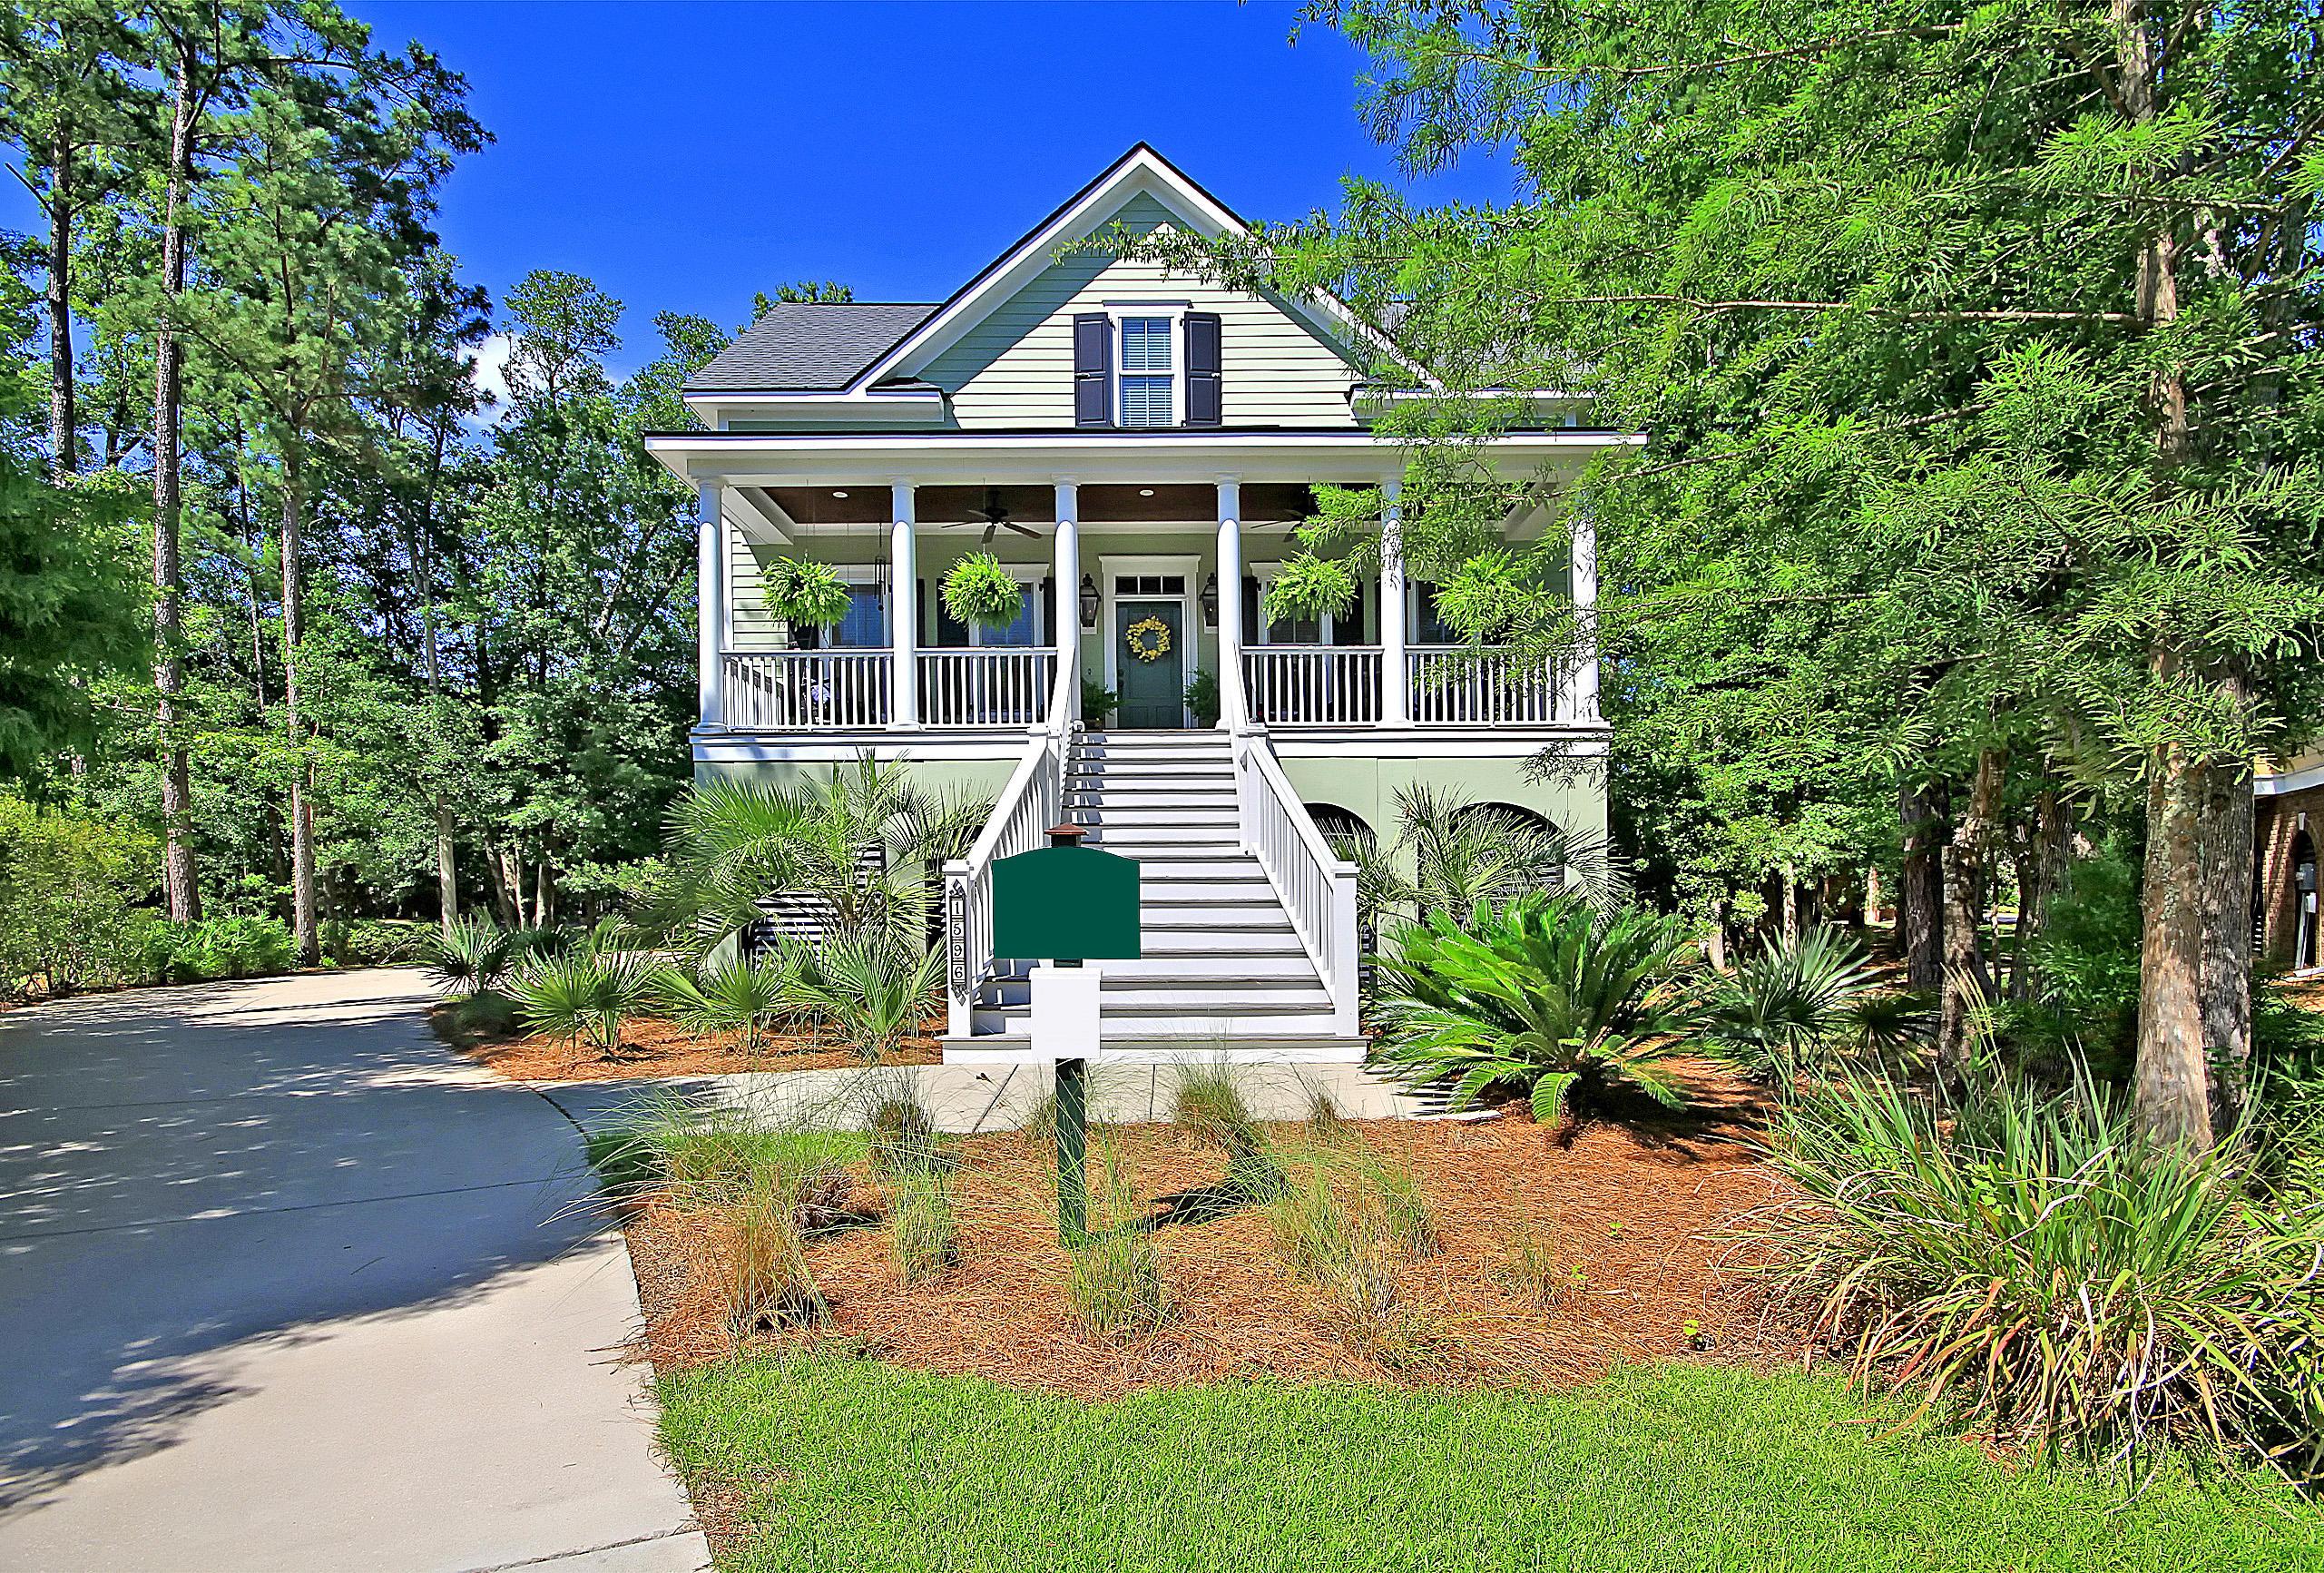 Park West Homes For Sale - 1596 Capel, Mount Pleasant, SC - 14